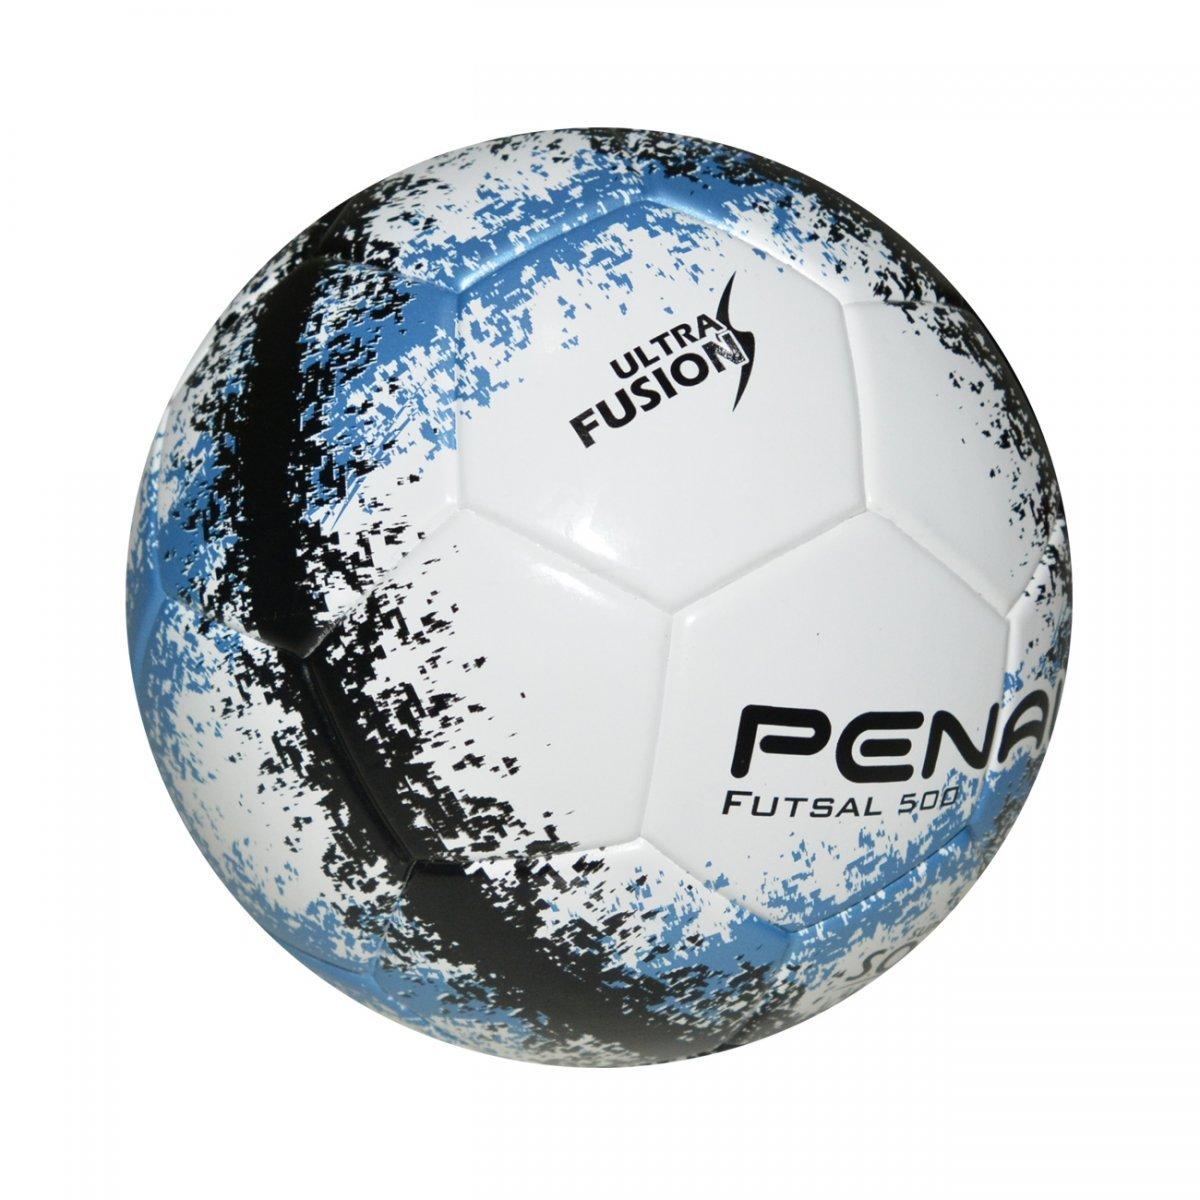 Bola Penalty RX 500 R3 Fusion VIII Futsal - Compre Agora  ae30fa2b13a45